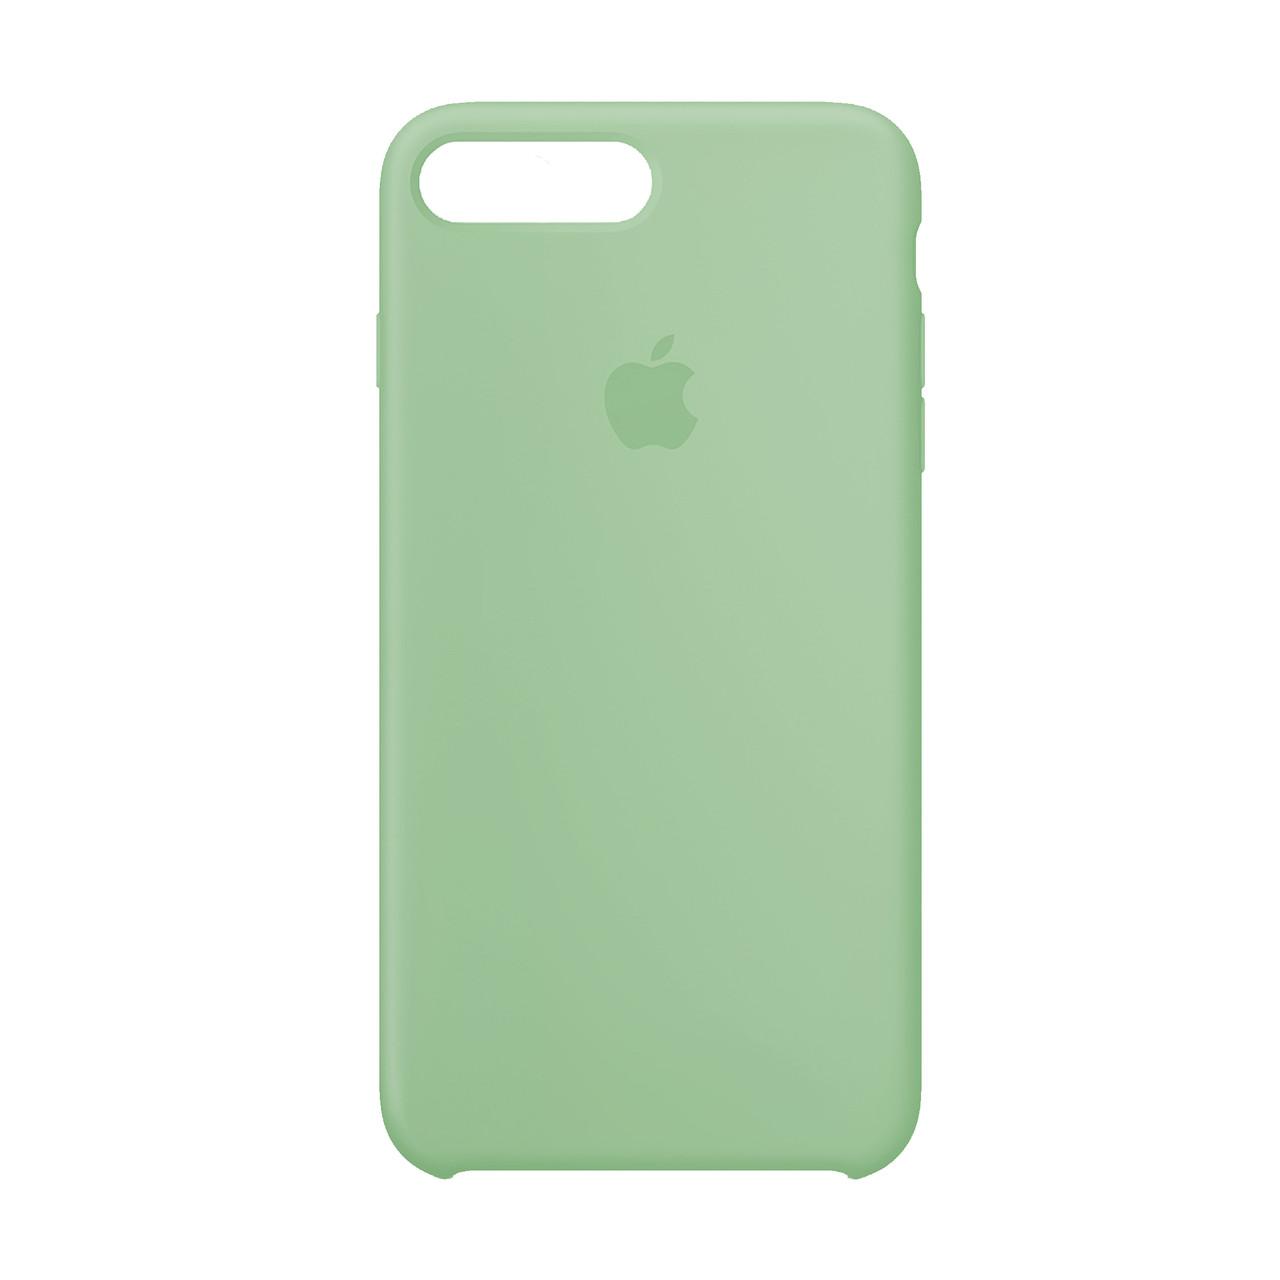 Оригинальный силиконовый чехол для Apple iPhone 7 Plus / 8 Plus Silicone case (Мятный)